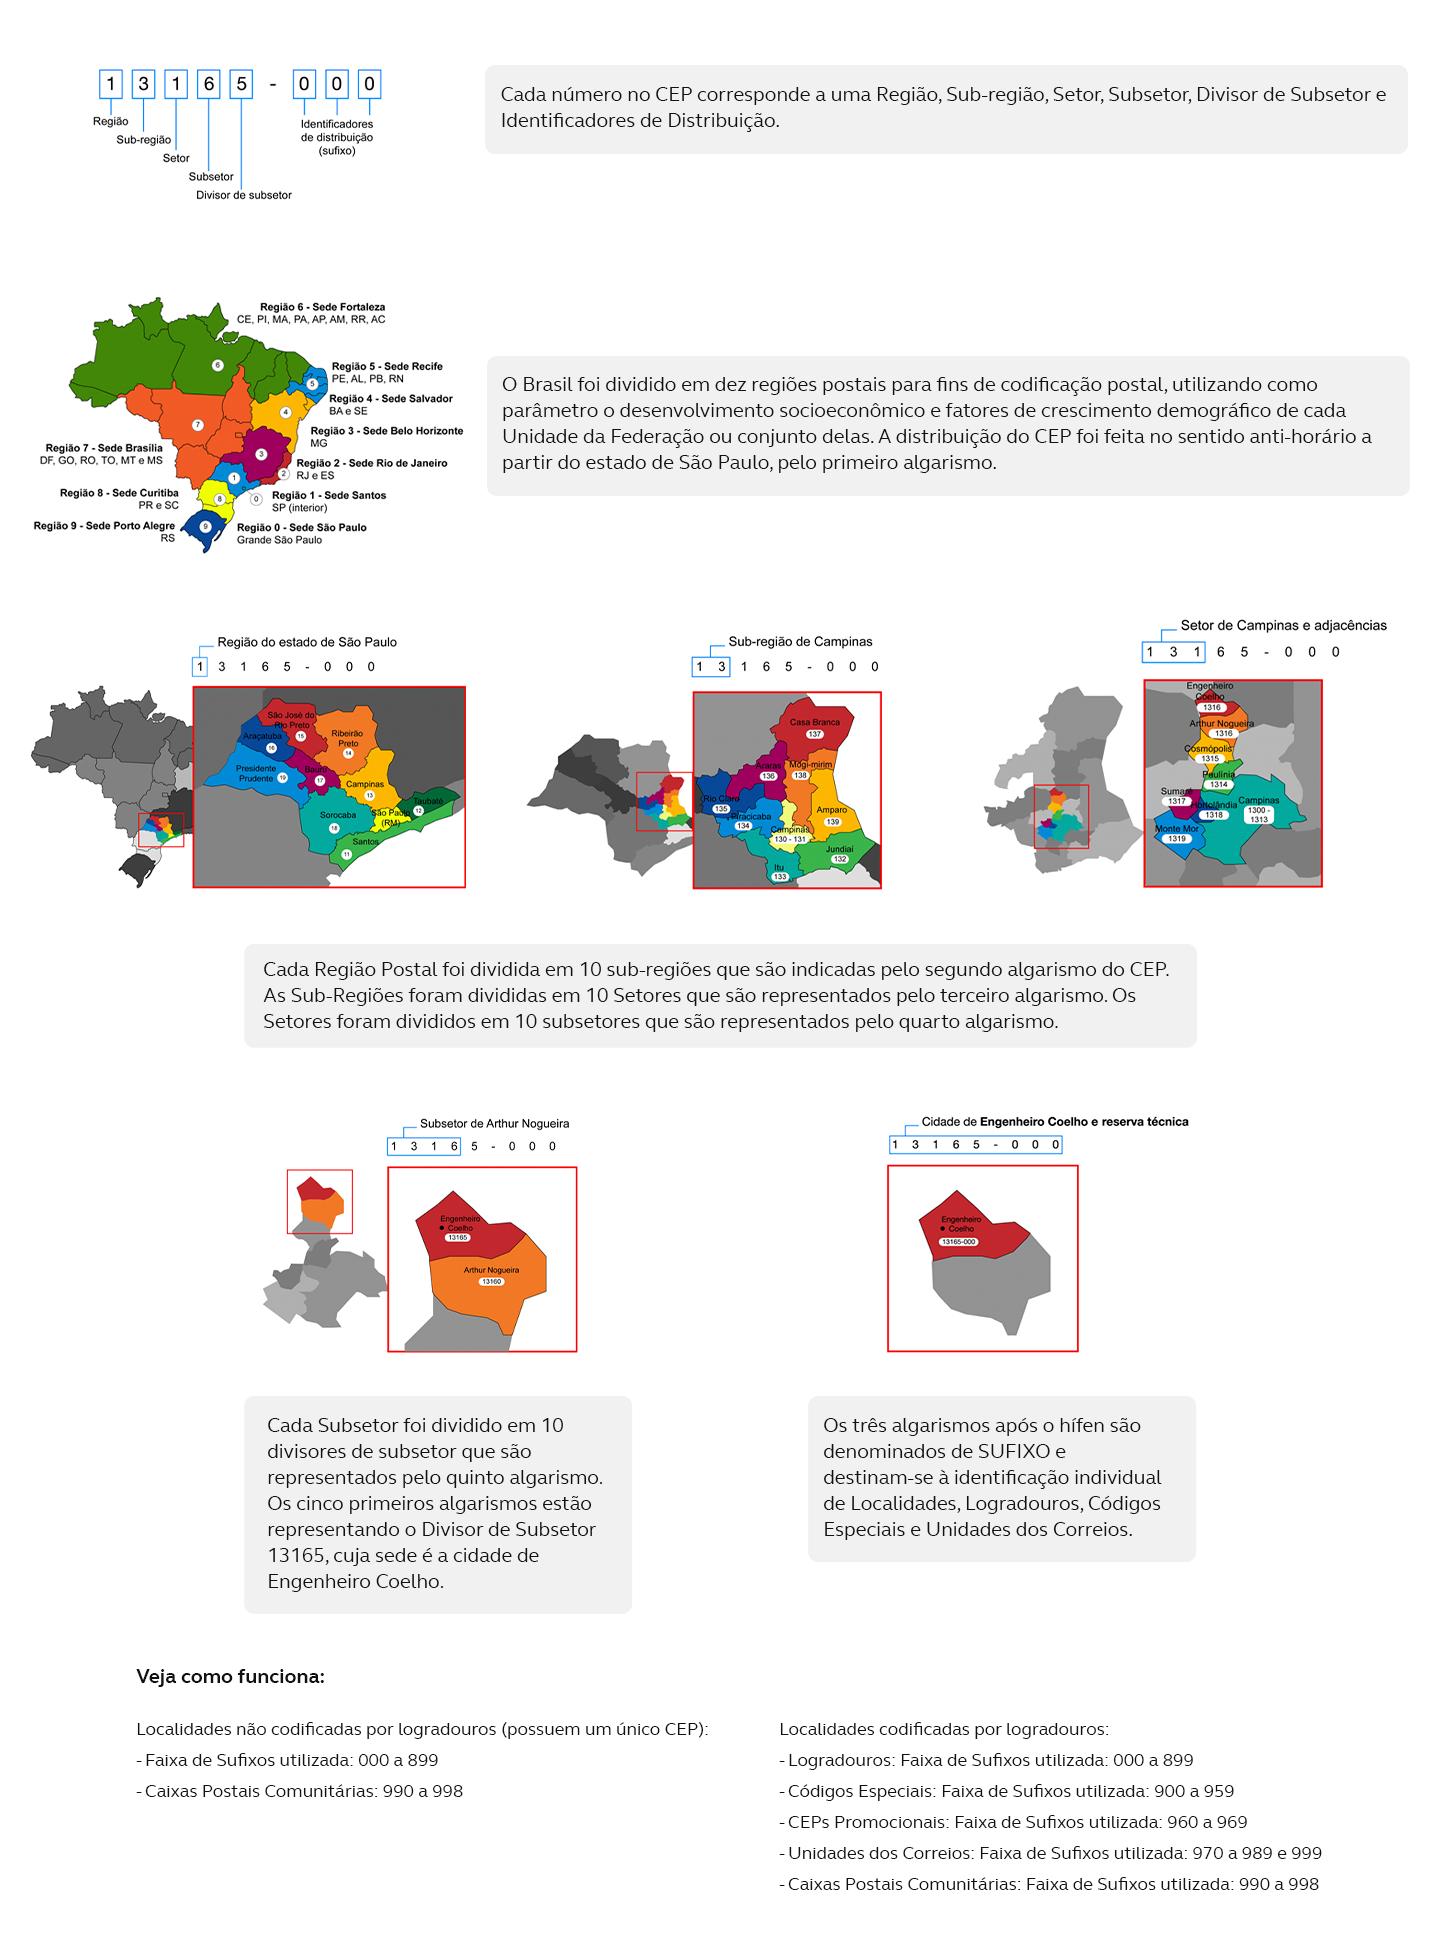 Cada número no CEP corresponde a uma Região, Sub-região, Setor, Subsetor, Divisor de Subsetor e Identificadores de Distribuição. O Brasil foi dividido em dez regiões postais para fins de codificação postal, utilizando como parâmetro o desenvolvimento socioeconômico e fatores de crescimento demográfico de cada Unidade da Federação ou conjunto delas. A distribuição do CEP foi feita no sentido anti-horário a partir do estado de São Paulo, pelo primeiro algarismo. Cada Região Postal foi dividida em 10 sub-regiões que são indicadas pelo segundo algarismo do CEP.  As Sub-Regiões foram divididas em 10 Setores que são representados pelo terceiro algarismo. Os Setores foram divididos em 10 subsetores que são representados pelo quarto algarismo.  Cada Subsetor foi dividido em 10 divisores de subsetor que são representados pelo quinto algarismo. Os cinco primeiros algarismos estão representando o Divisor de Subsetor 13165, cuja sede é a cidade de Engenheiro Coelho. Os três algarismos após o hífen são denominados de SUFIXO e destinam-se à identificação individual de Localidades, Logradouros, Códigos Especiais e Unidades dos Correios.